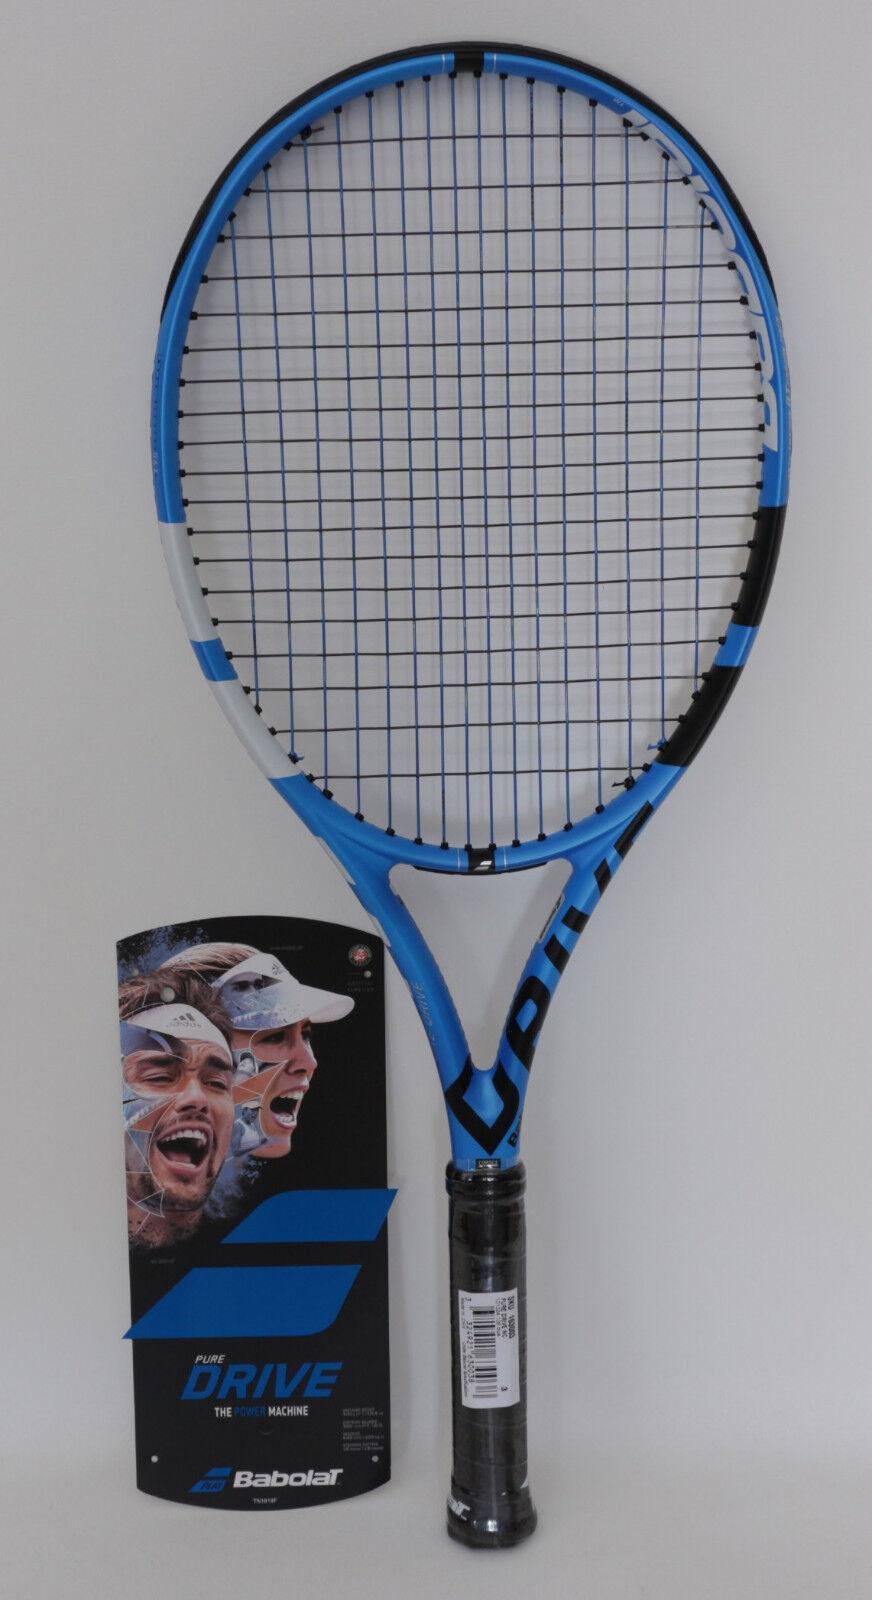 Raqueta de tenis  el actual Babolat Pure  Drive, con diseño Profi-besaitung   online barato